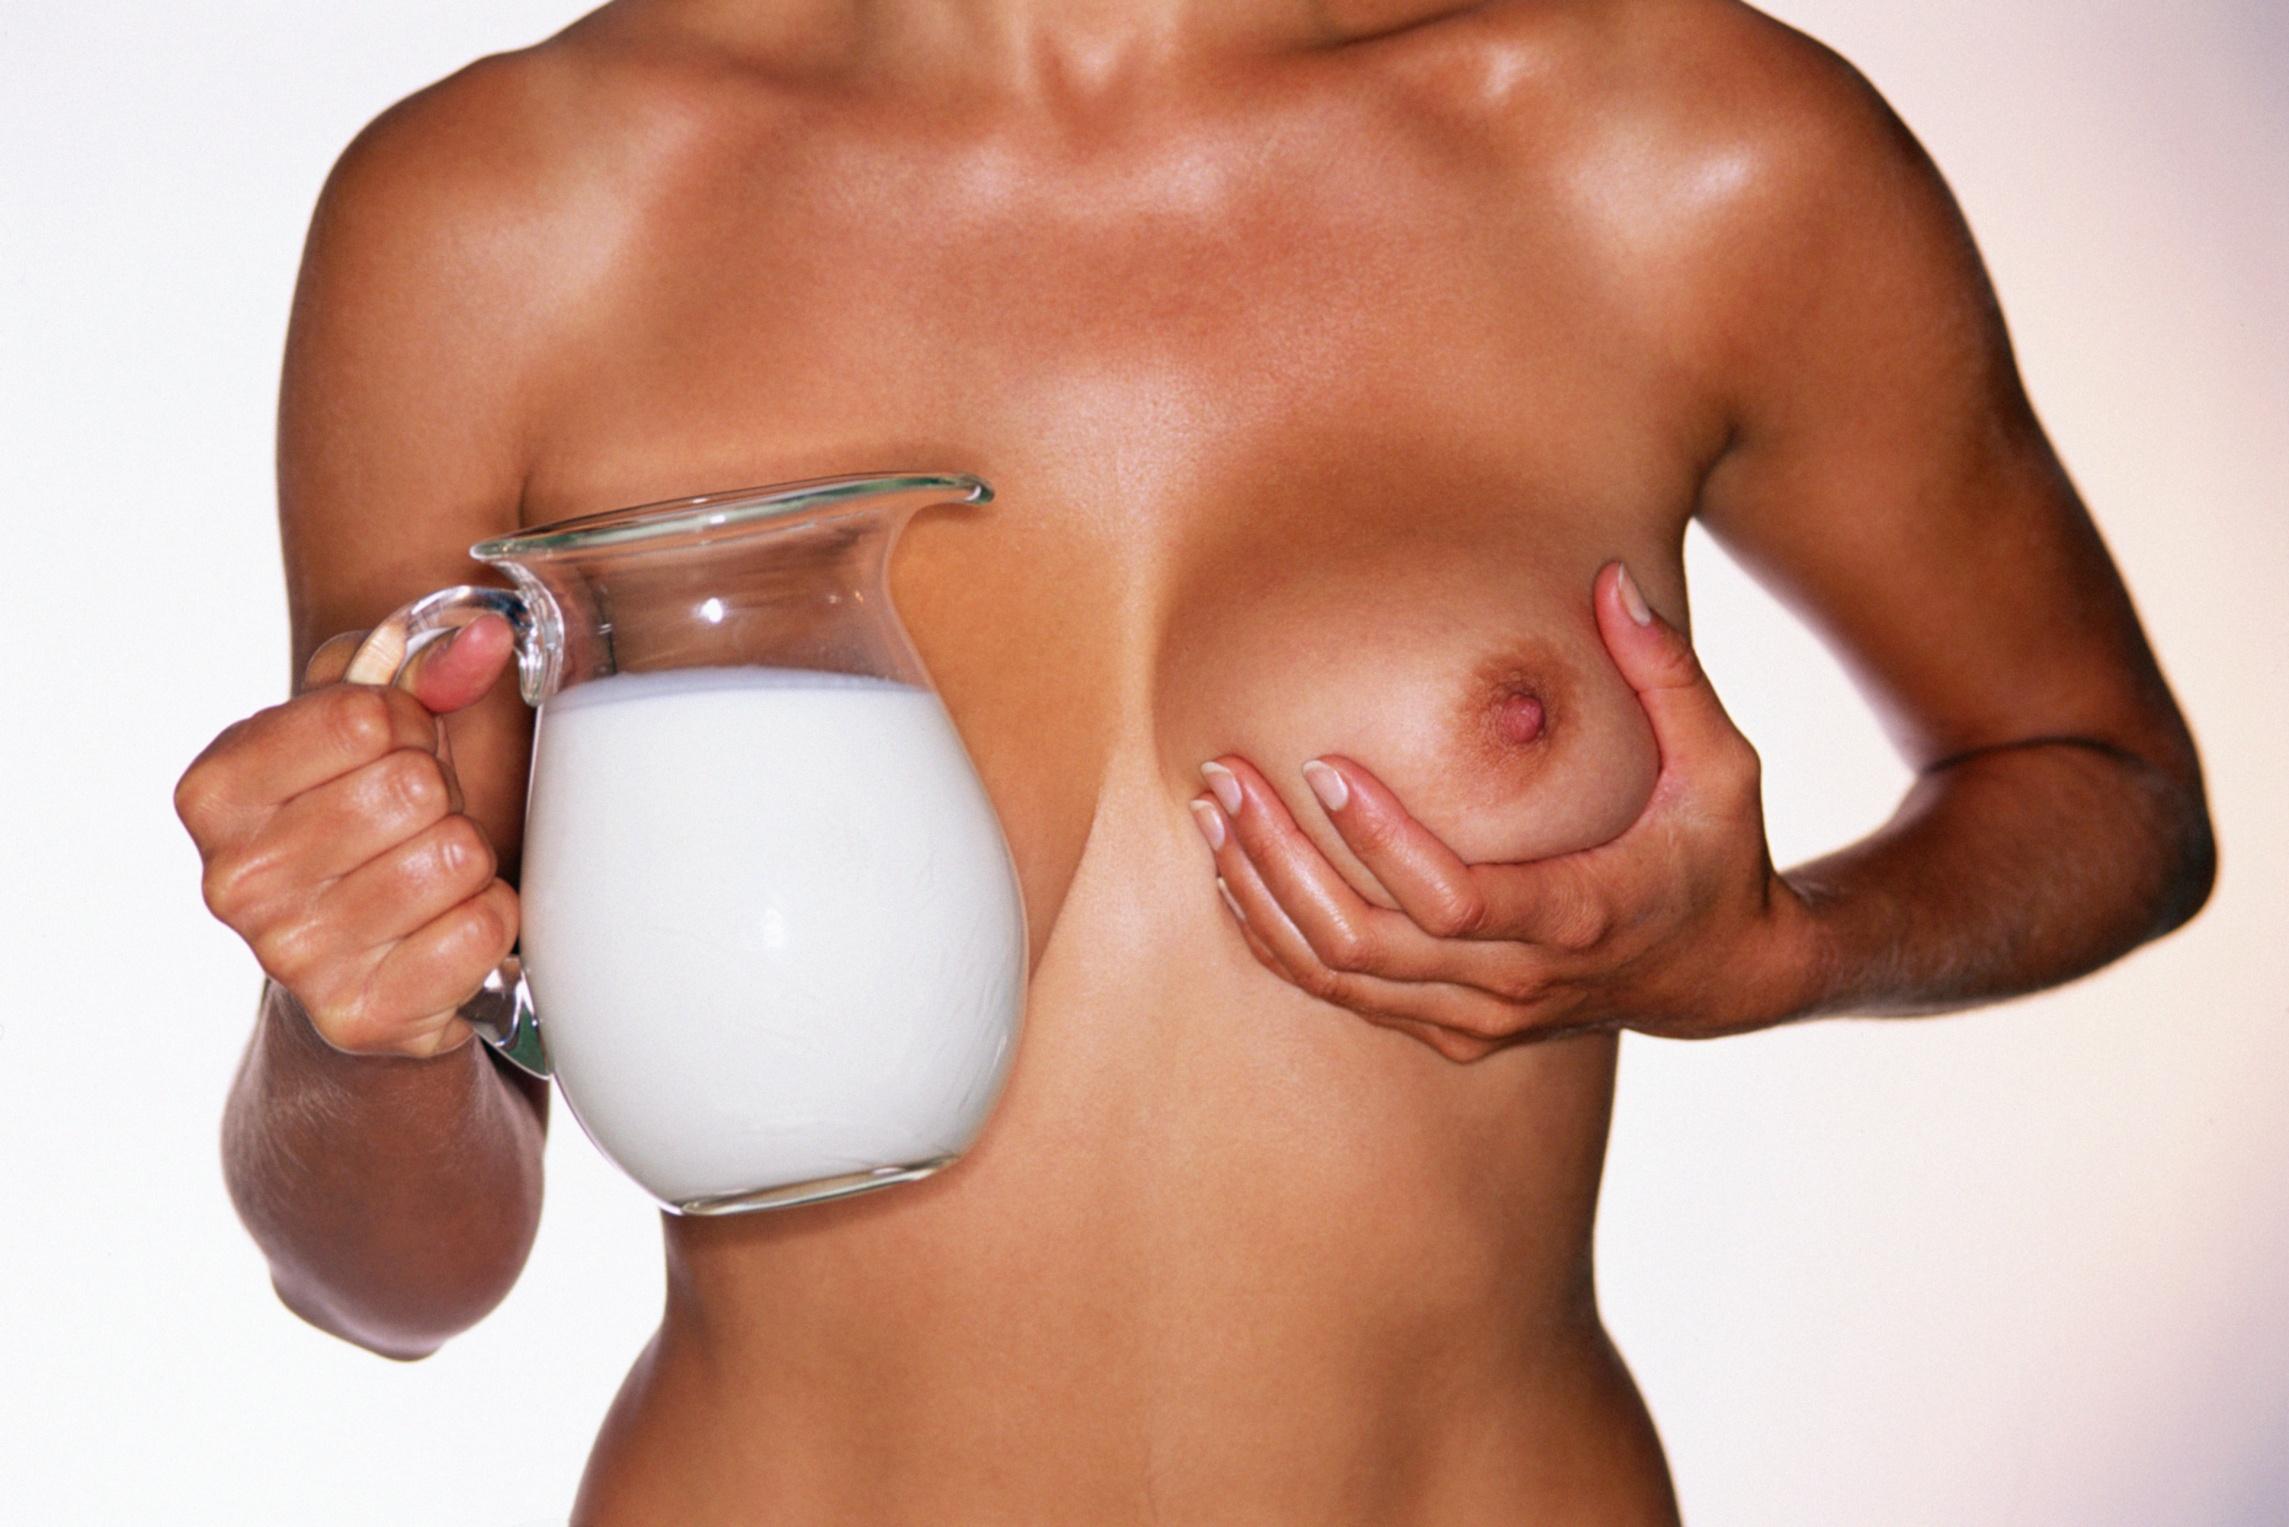 Фото здоровой груди и сосков 15 фотография